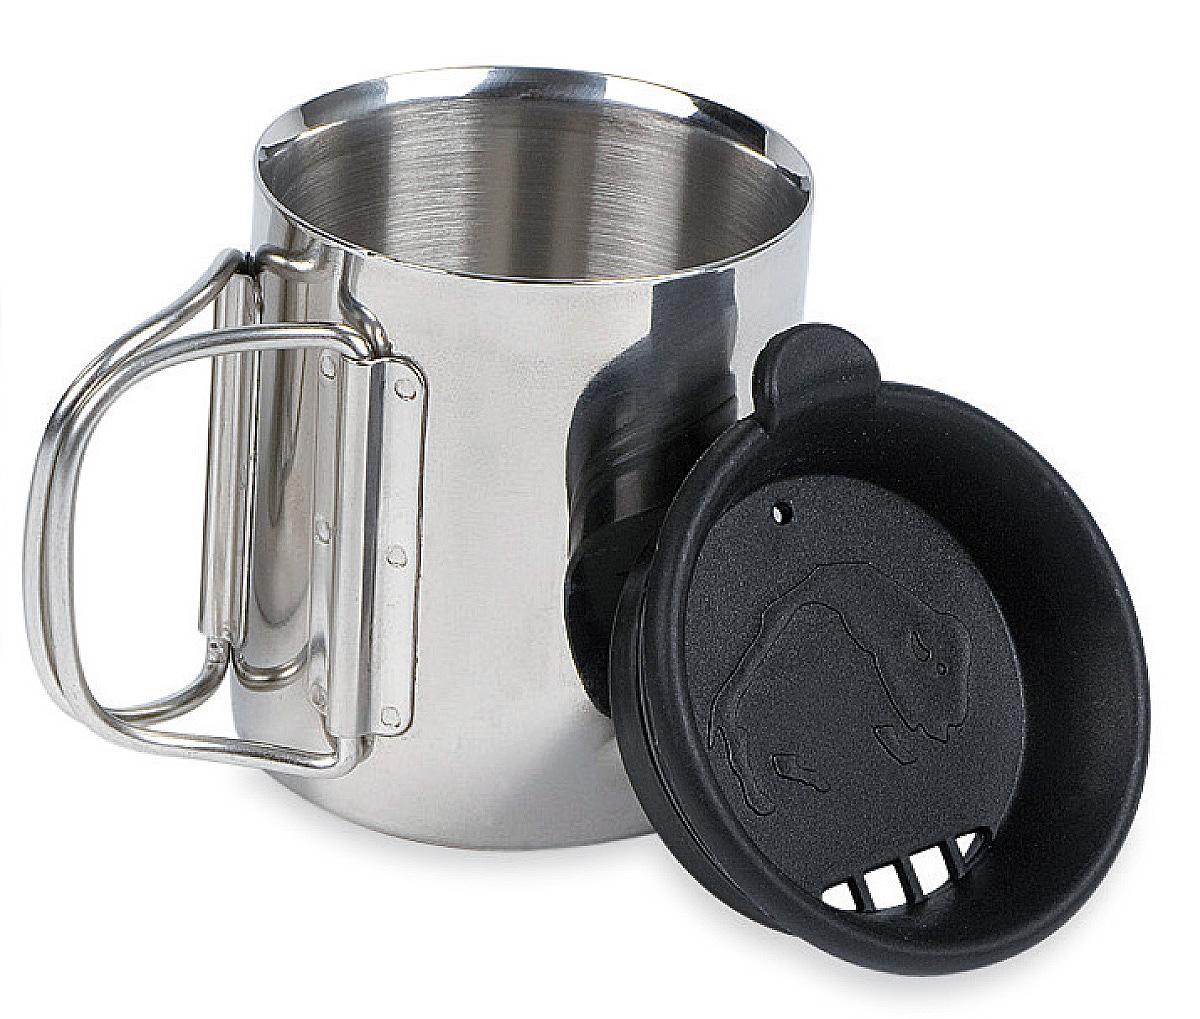 Термокружка с крышкой Tatonka Thermo, 0,25 л4080.000Термокружка Tatonka Thermo из нержавеющей стали со складными ручками и крышкой. Удобна в транспортировке. Кружка остается комфортной и прохладной снаружи, даже когда внутри кипяток. Крышка имеет специальные отверстия для питья. Это позволяет пить любимые напитки, не вынимая крышку, и напиток дольше не остывает. Внутри расположена мерная шкала.Высота кружки: 8,5 см.Диаметр кружки без учета ручки: 7,5 см.